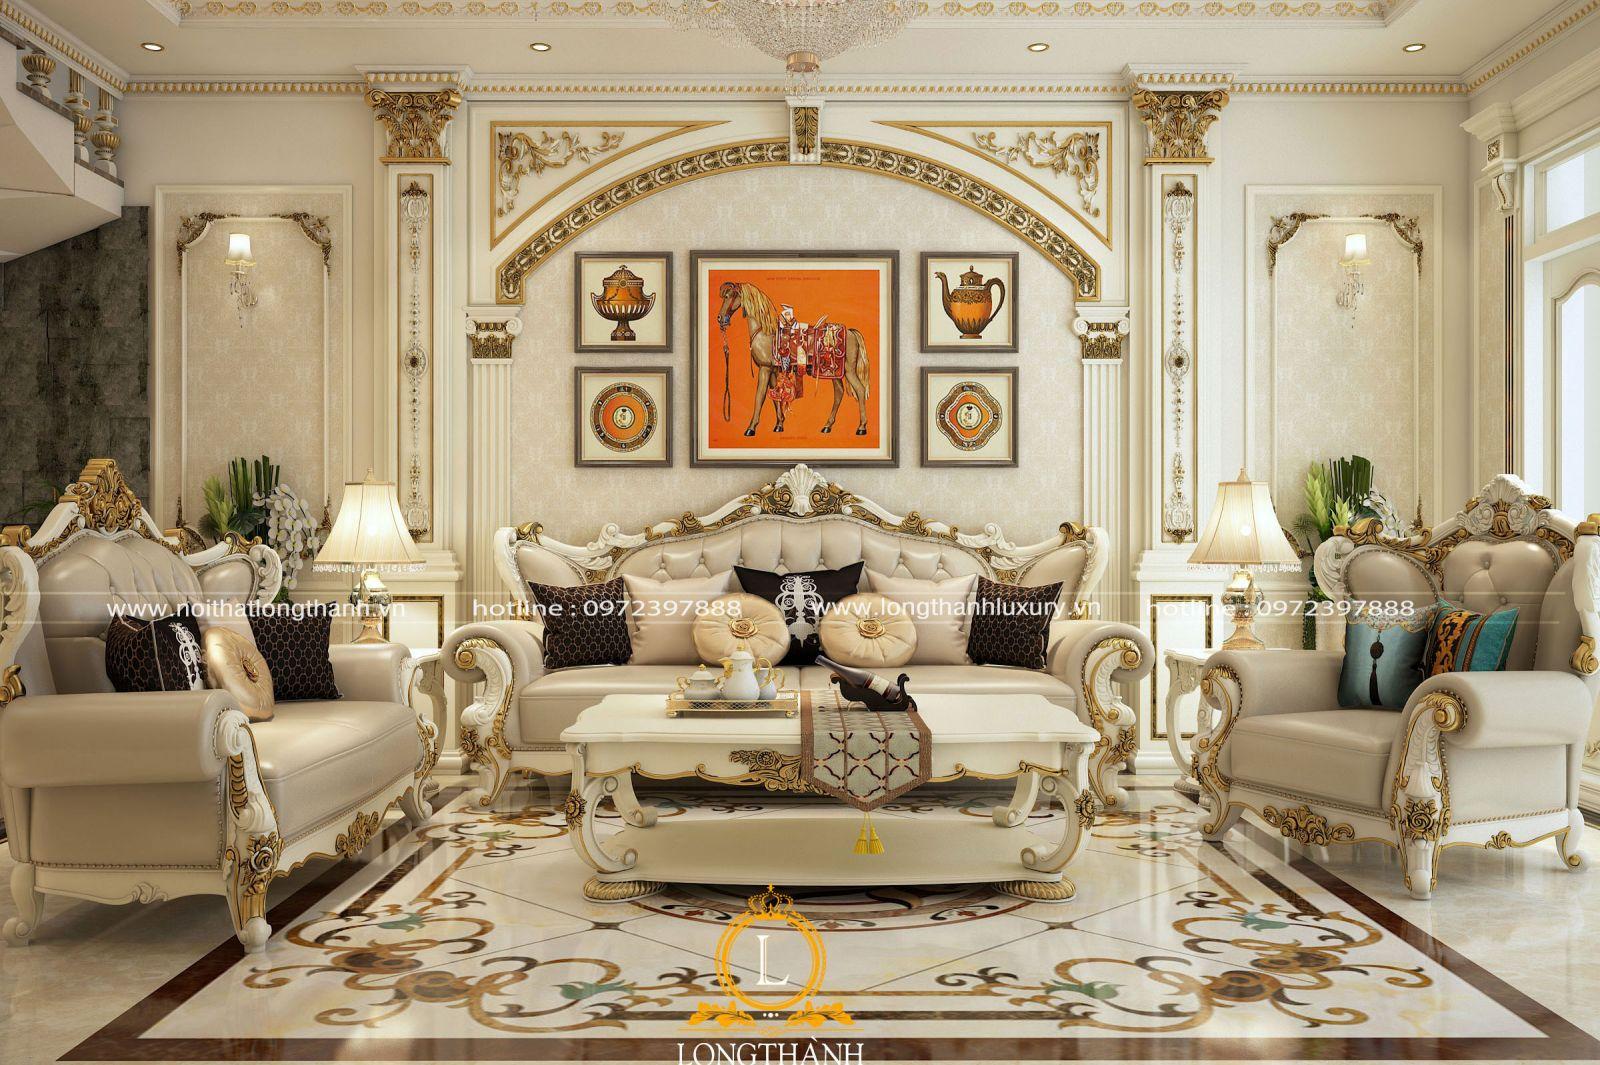 Mẫu sofa mạ vàng tân cổ điển với gam màu trắng tinh tế